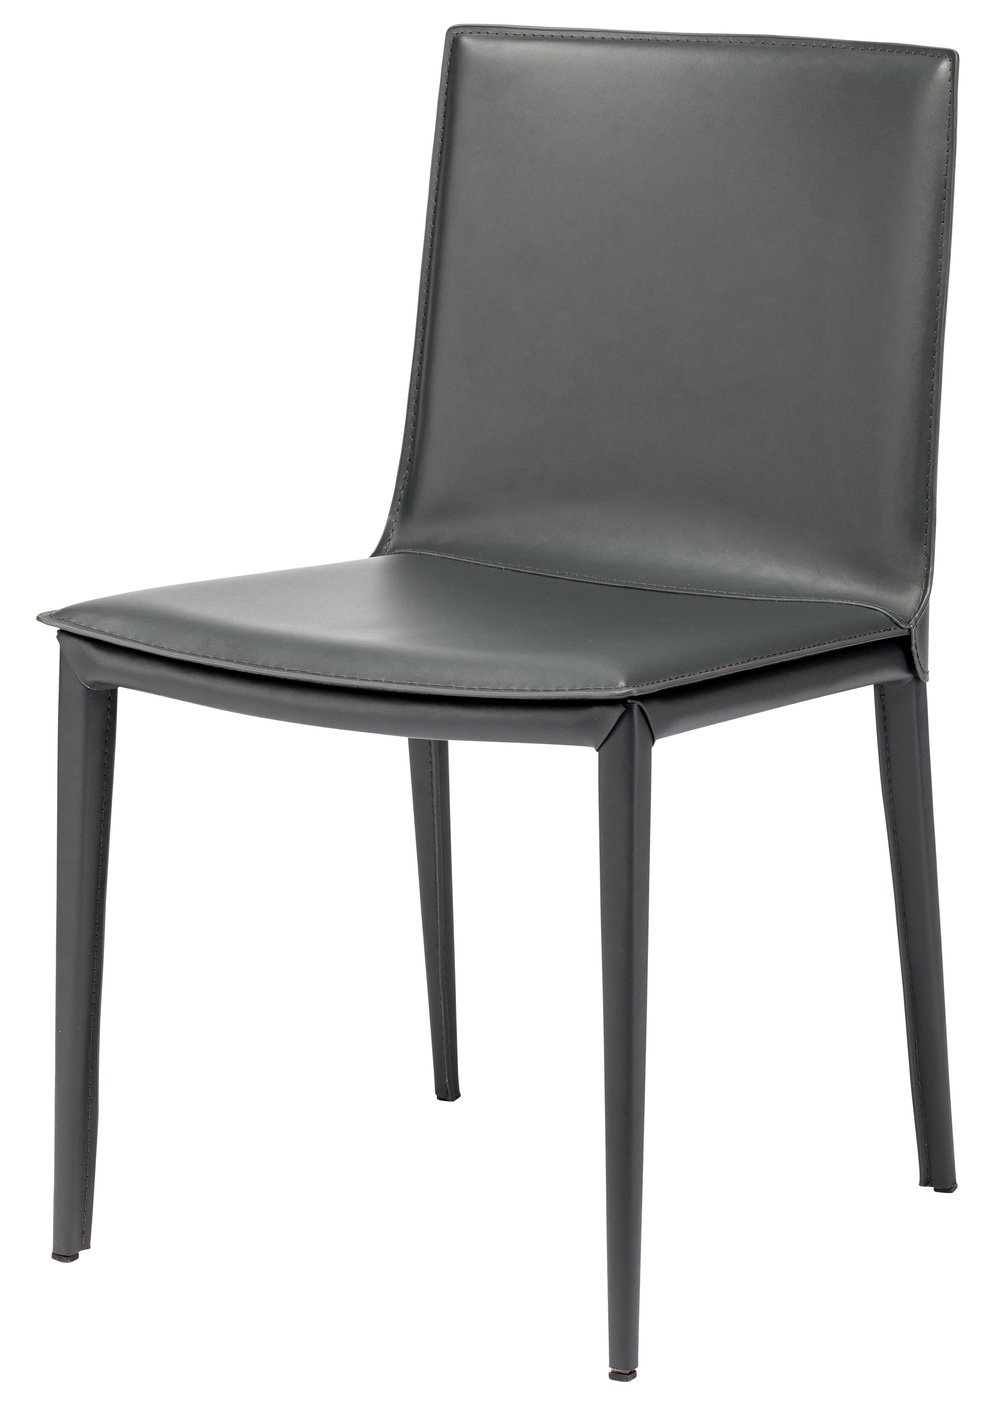 Nuevo - Palma Dining Chair